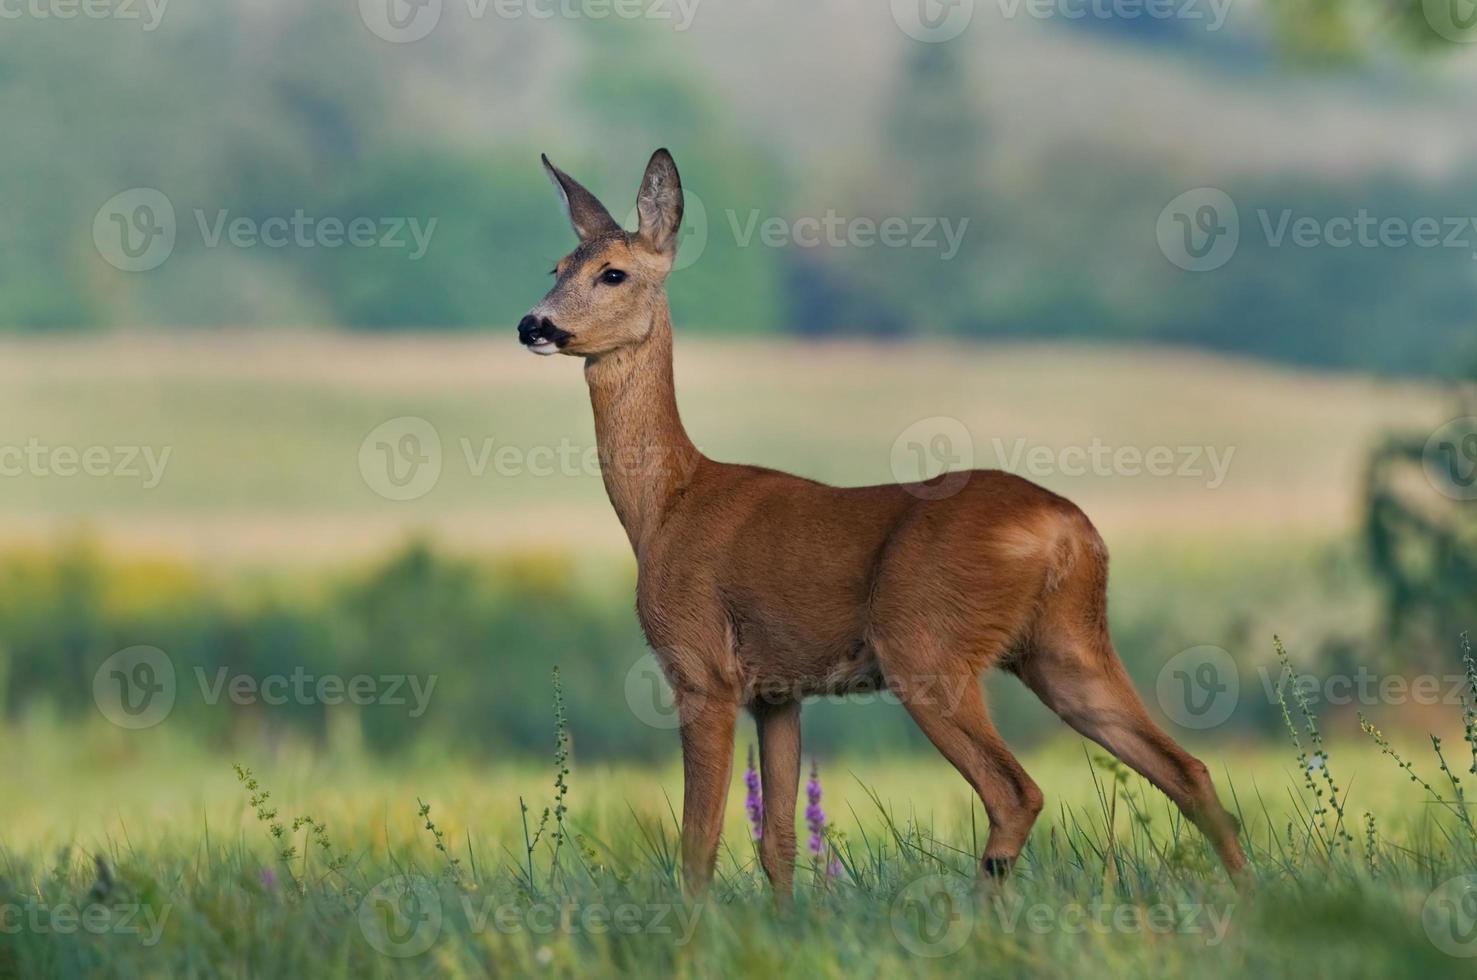 Roe deer in a field photo